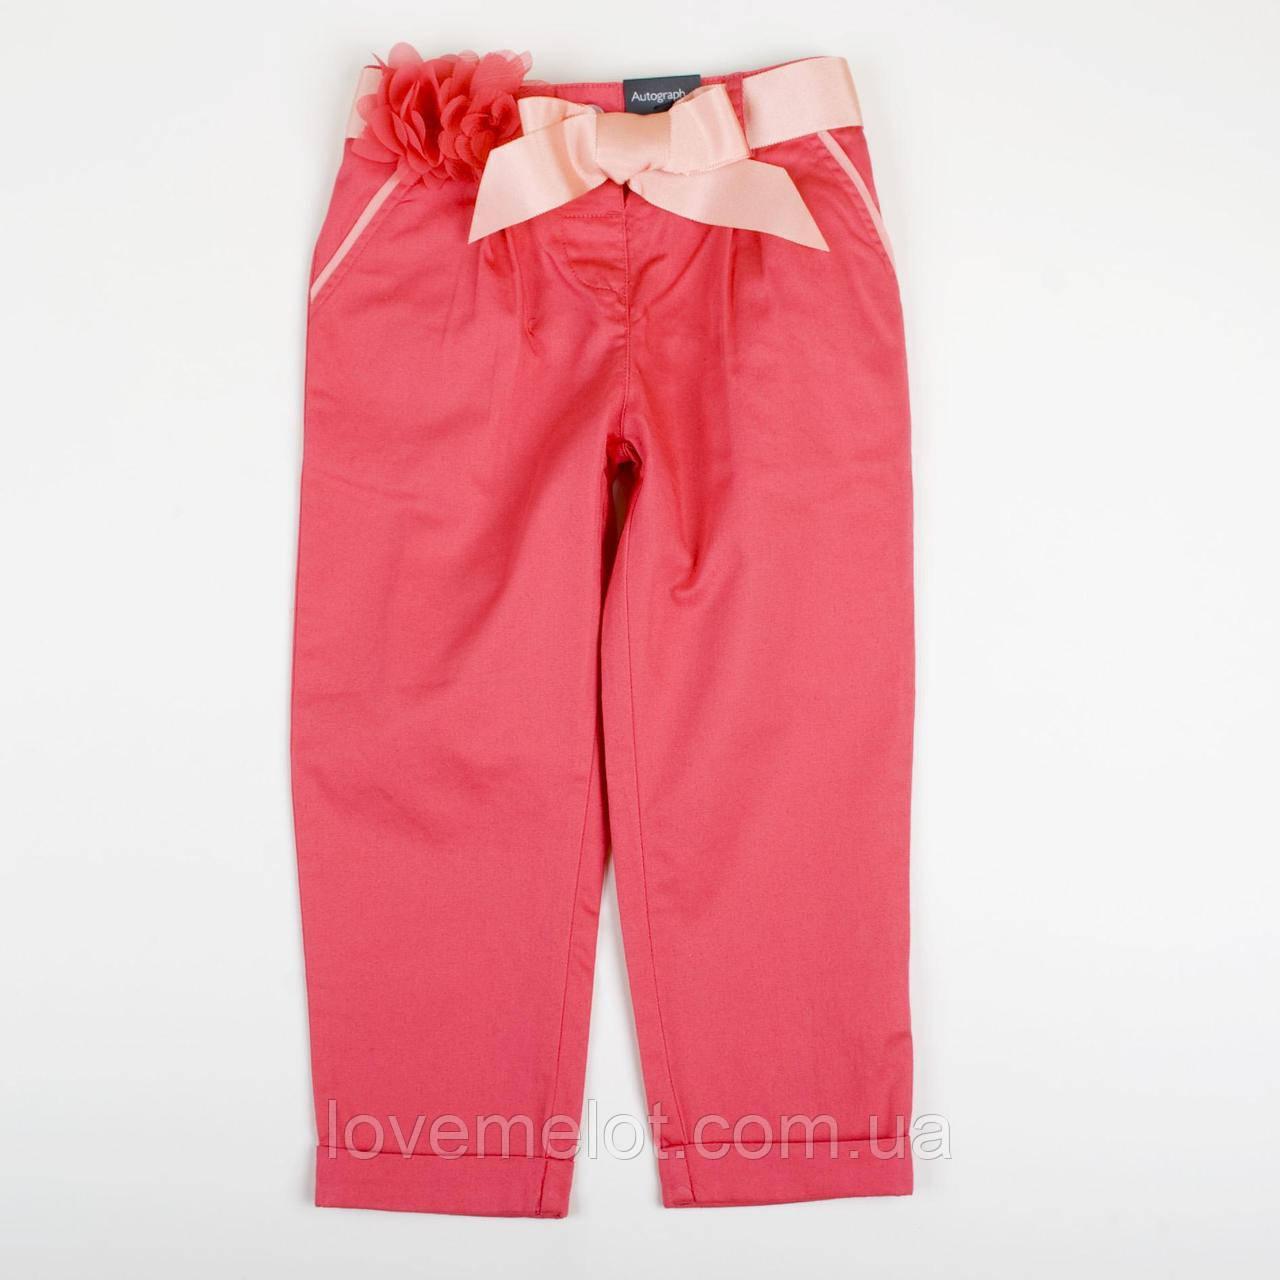 """Детские нарядные брюки для девочки на рост 92см  """"Розовый цветок"""" для девочки"""